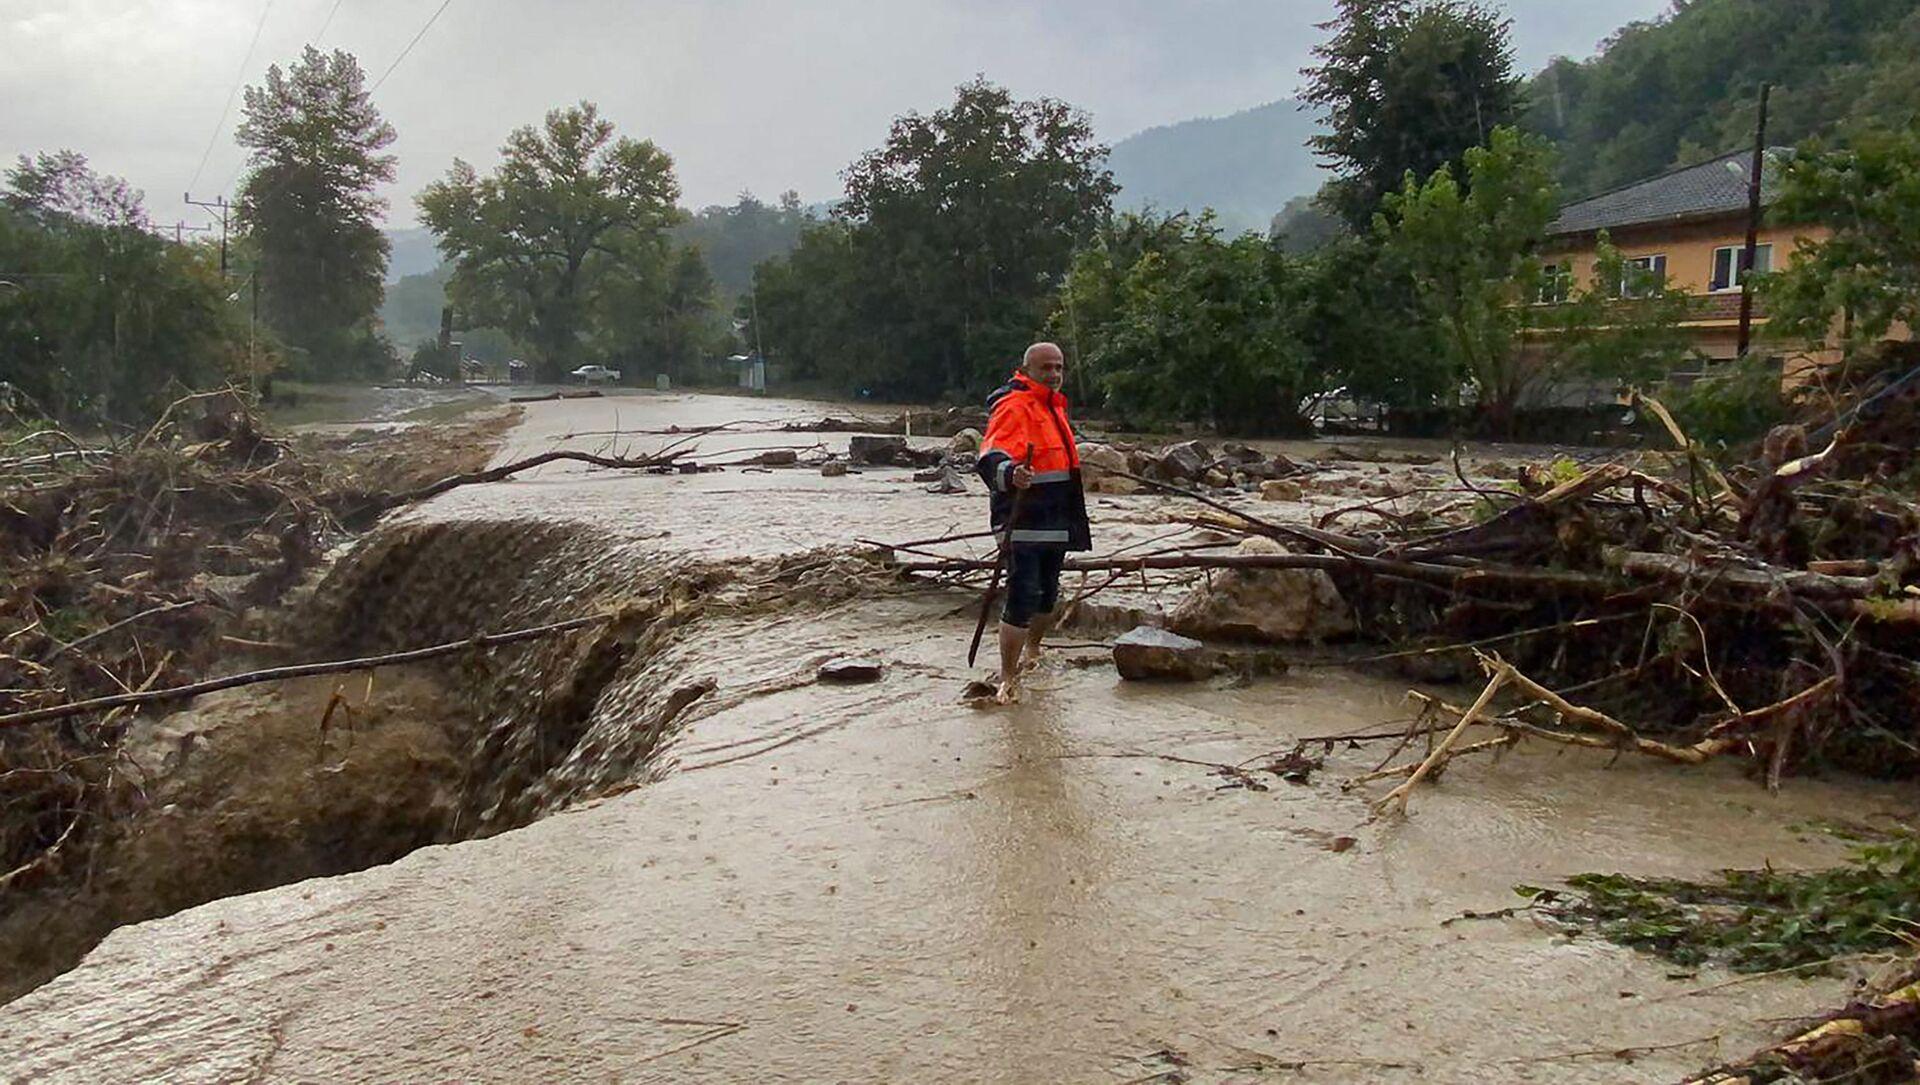 Наводнение в городе Кастамону, Турция - Sputnik Azərbaycan, 1920, 15.08.2021